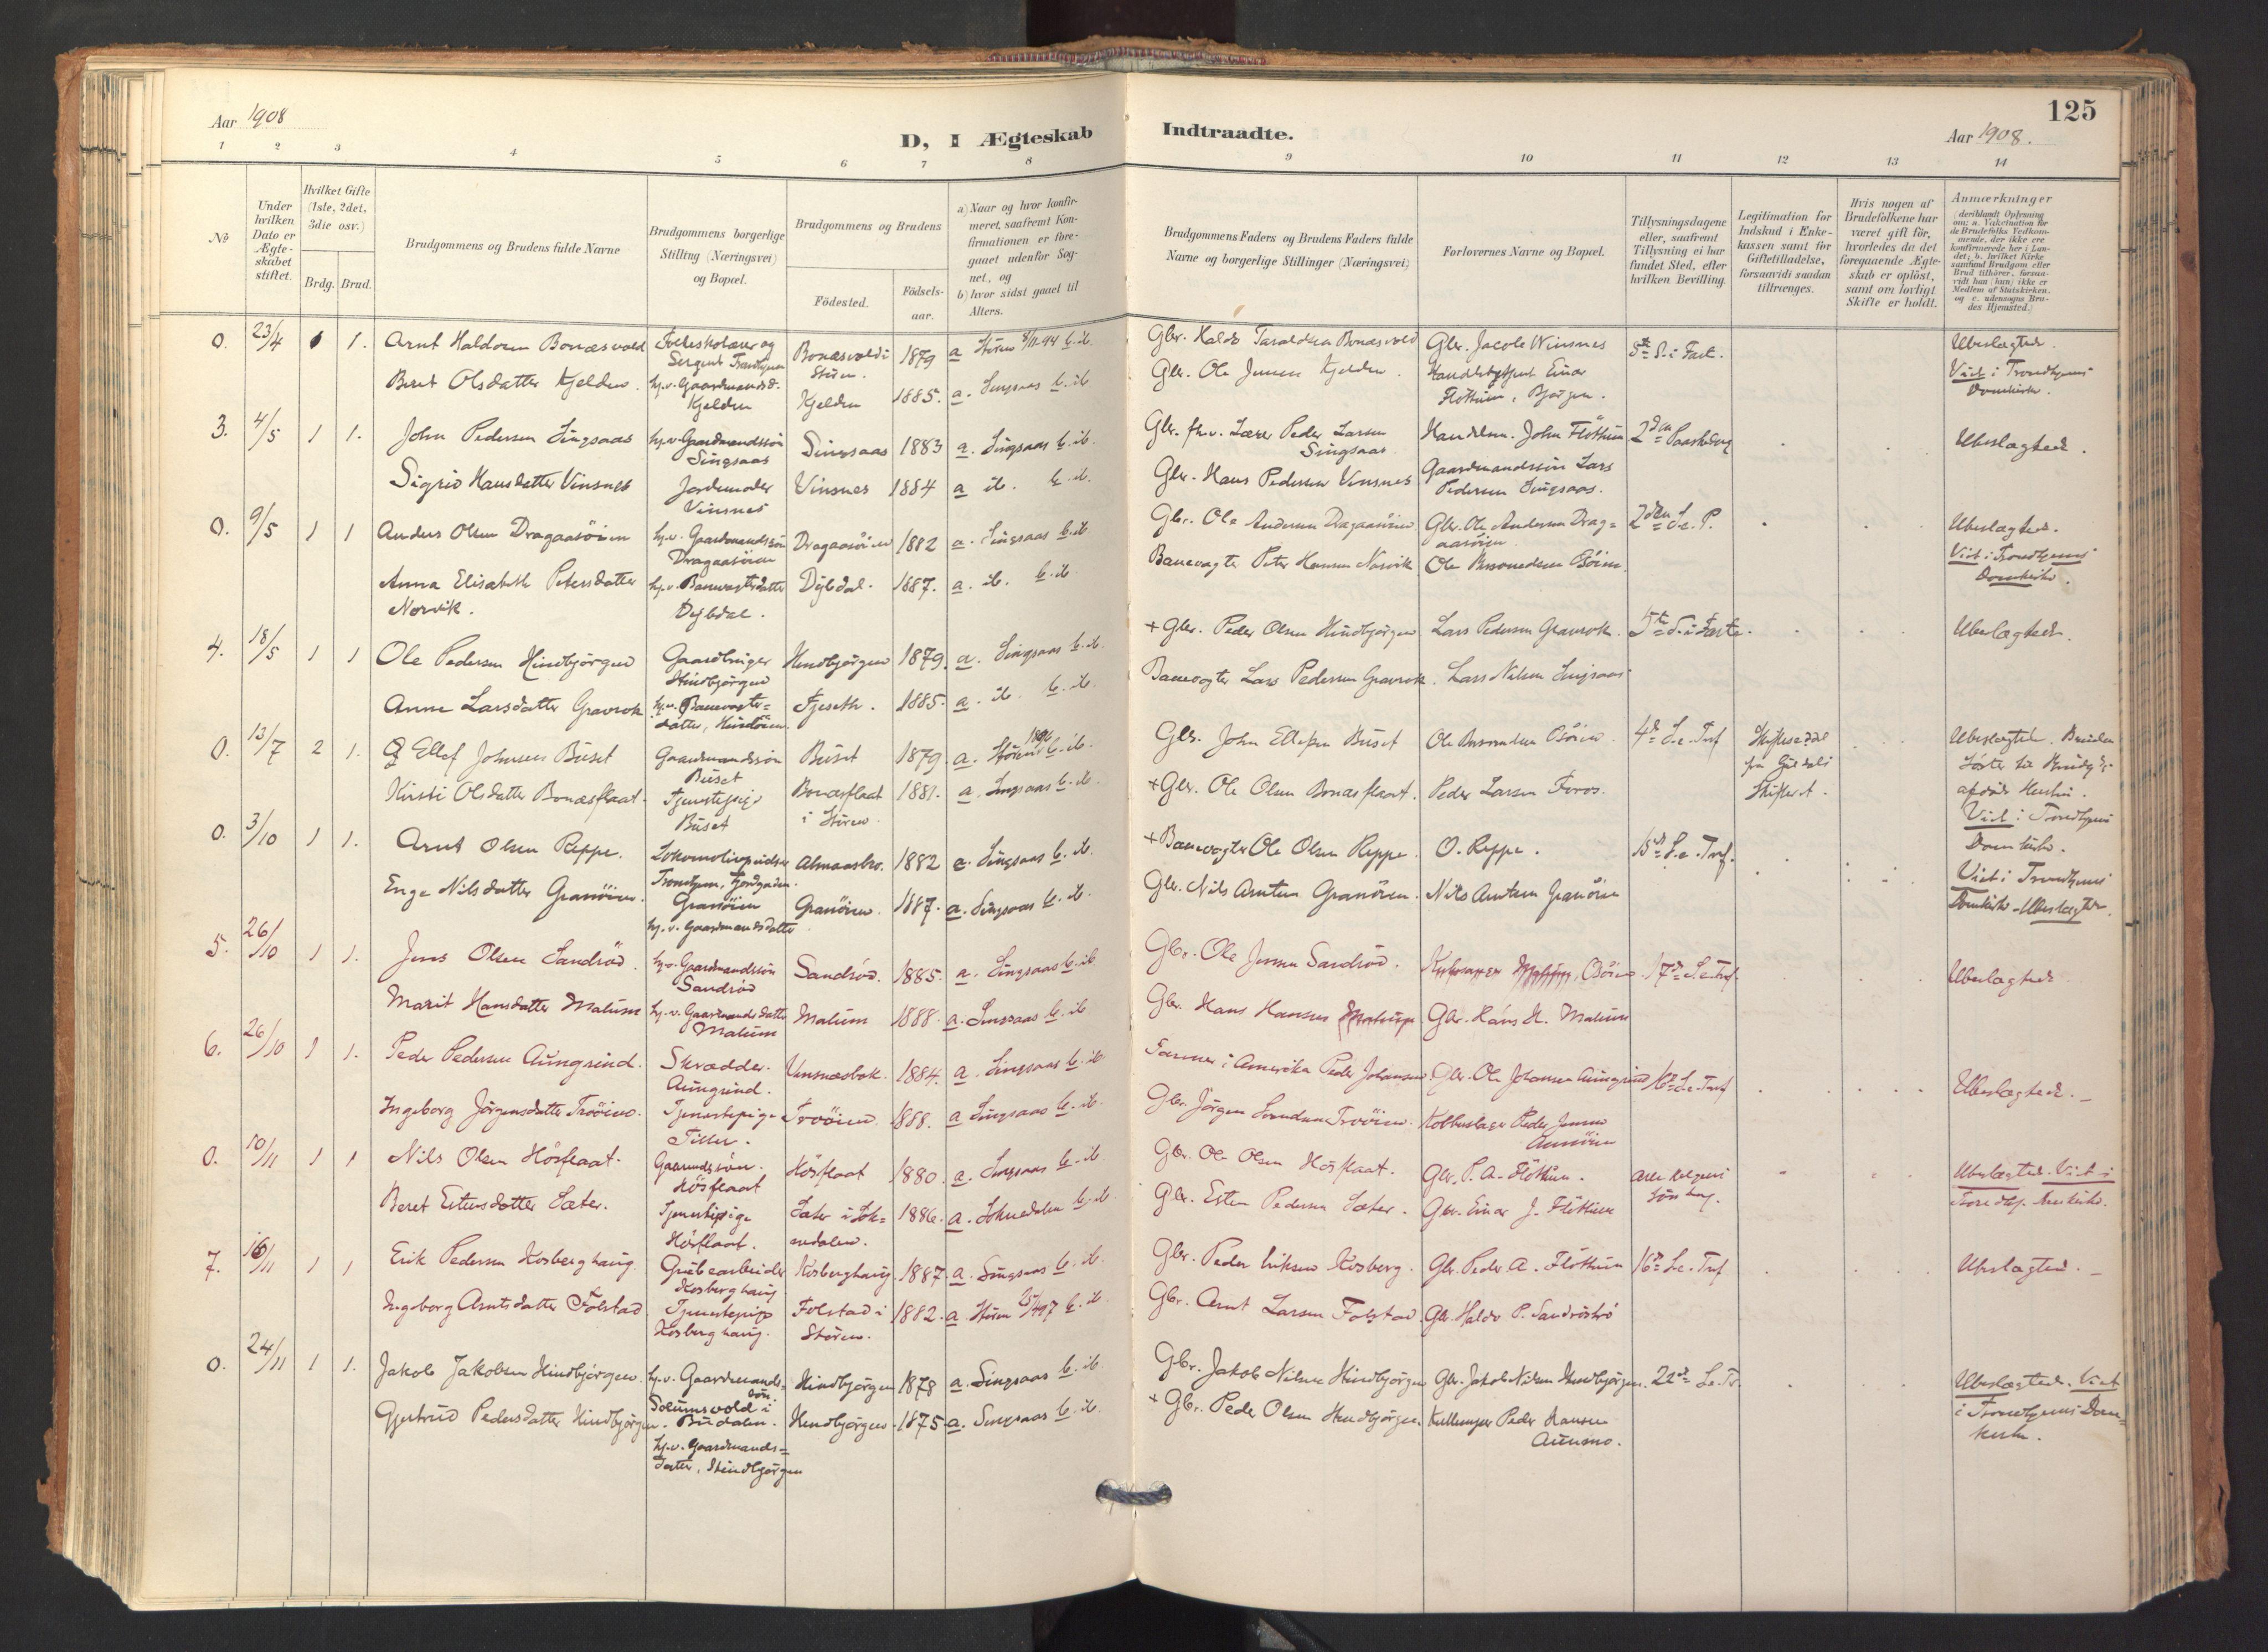 SAT, Ministerialprotokoller, klokkerbøker og fødselsregistre - Sør-Trøndelag, 688/L1025: Ministerialbok nr. 688A02, 1891-1909, s. 125